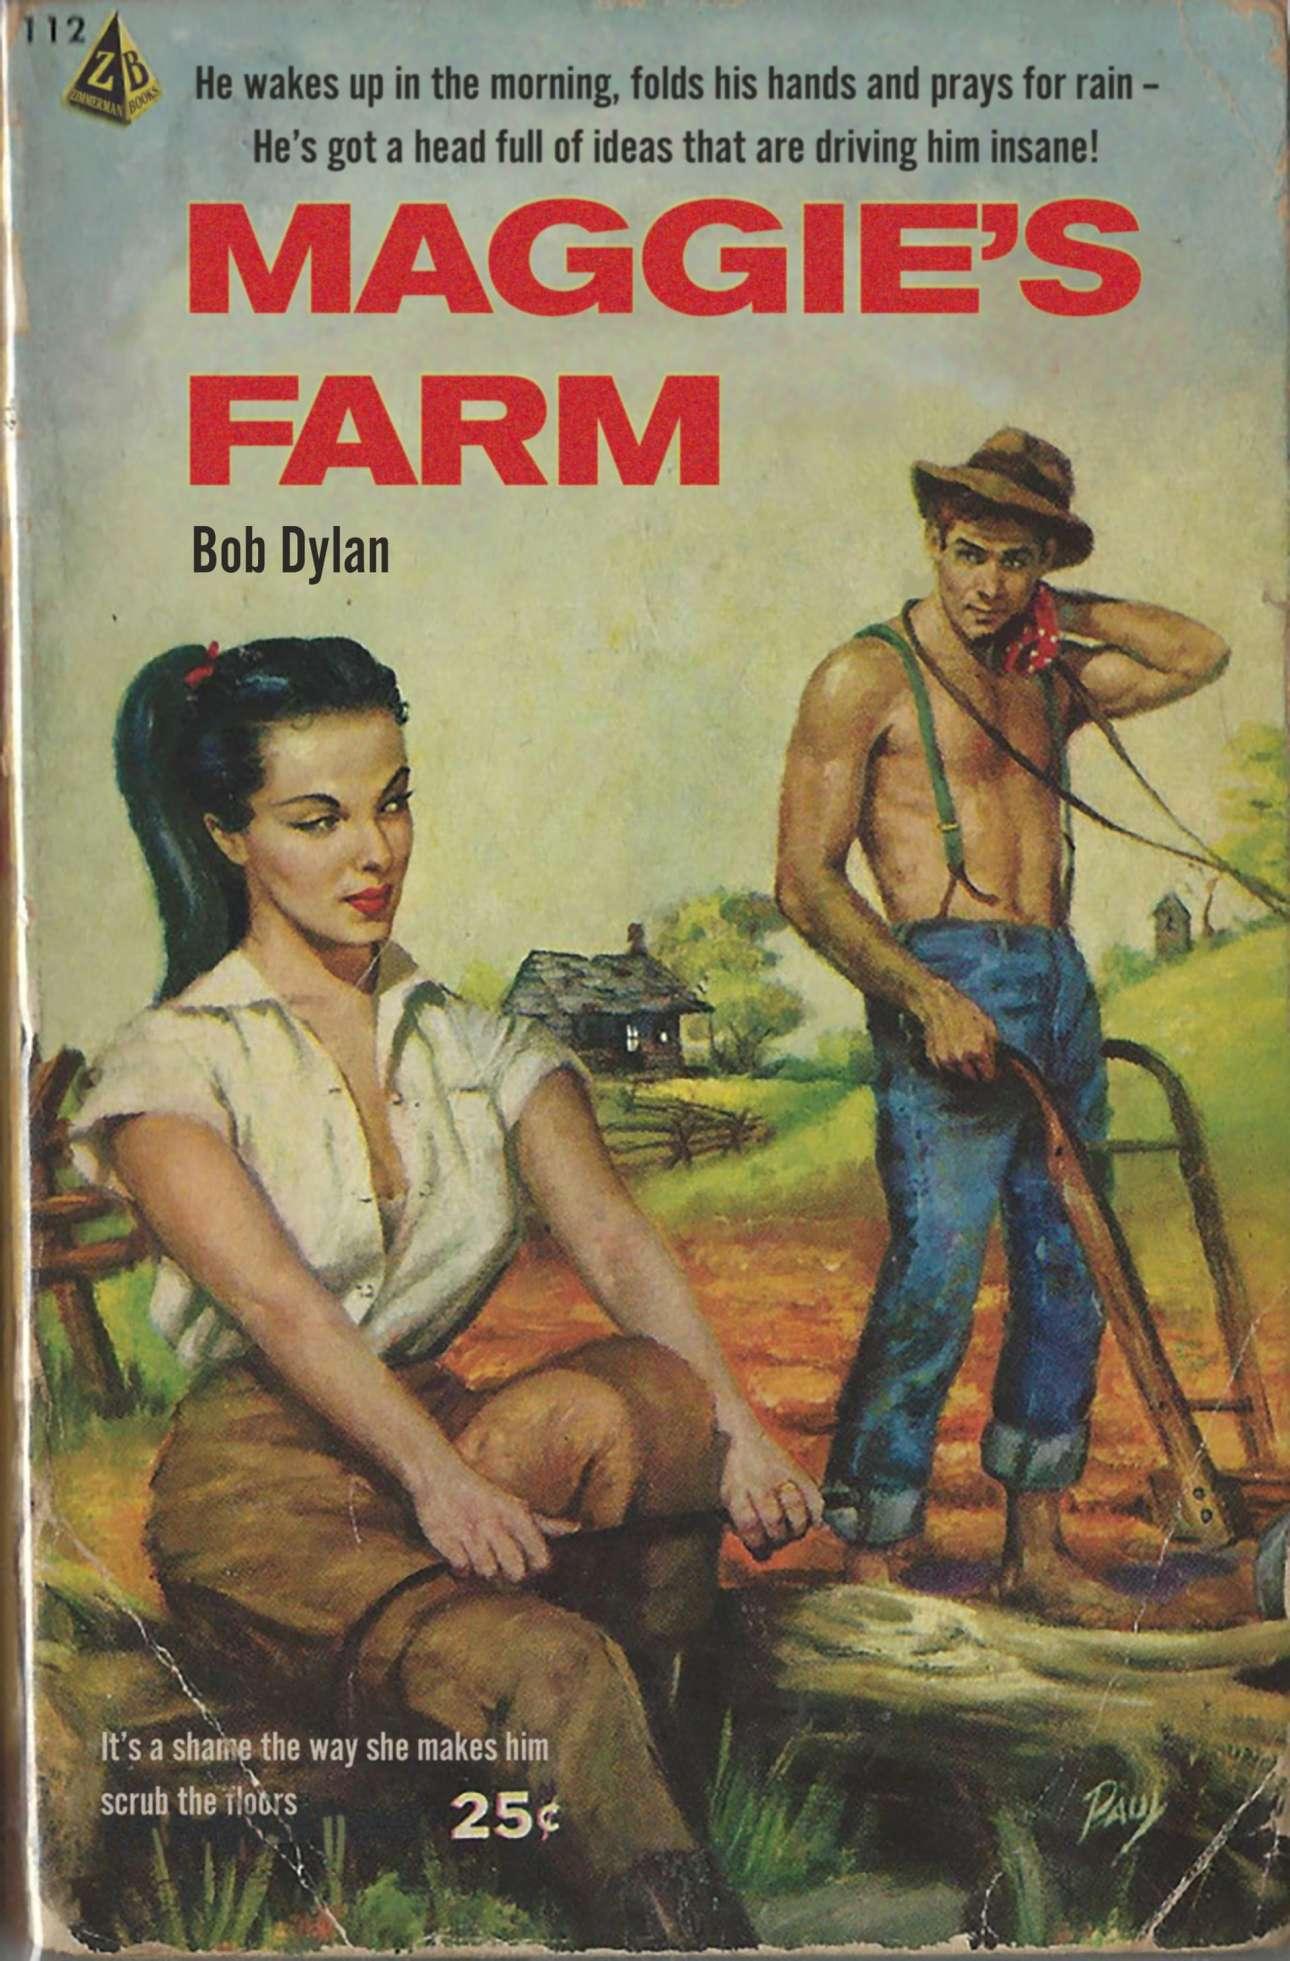 Ειδύλλιο στη φάρμα για το «Maggie's Farm» του Μπομπ Ντίλαν